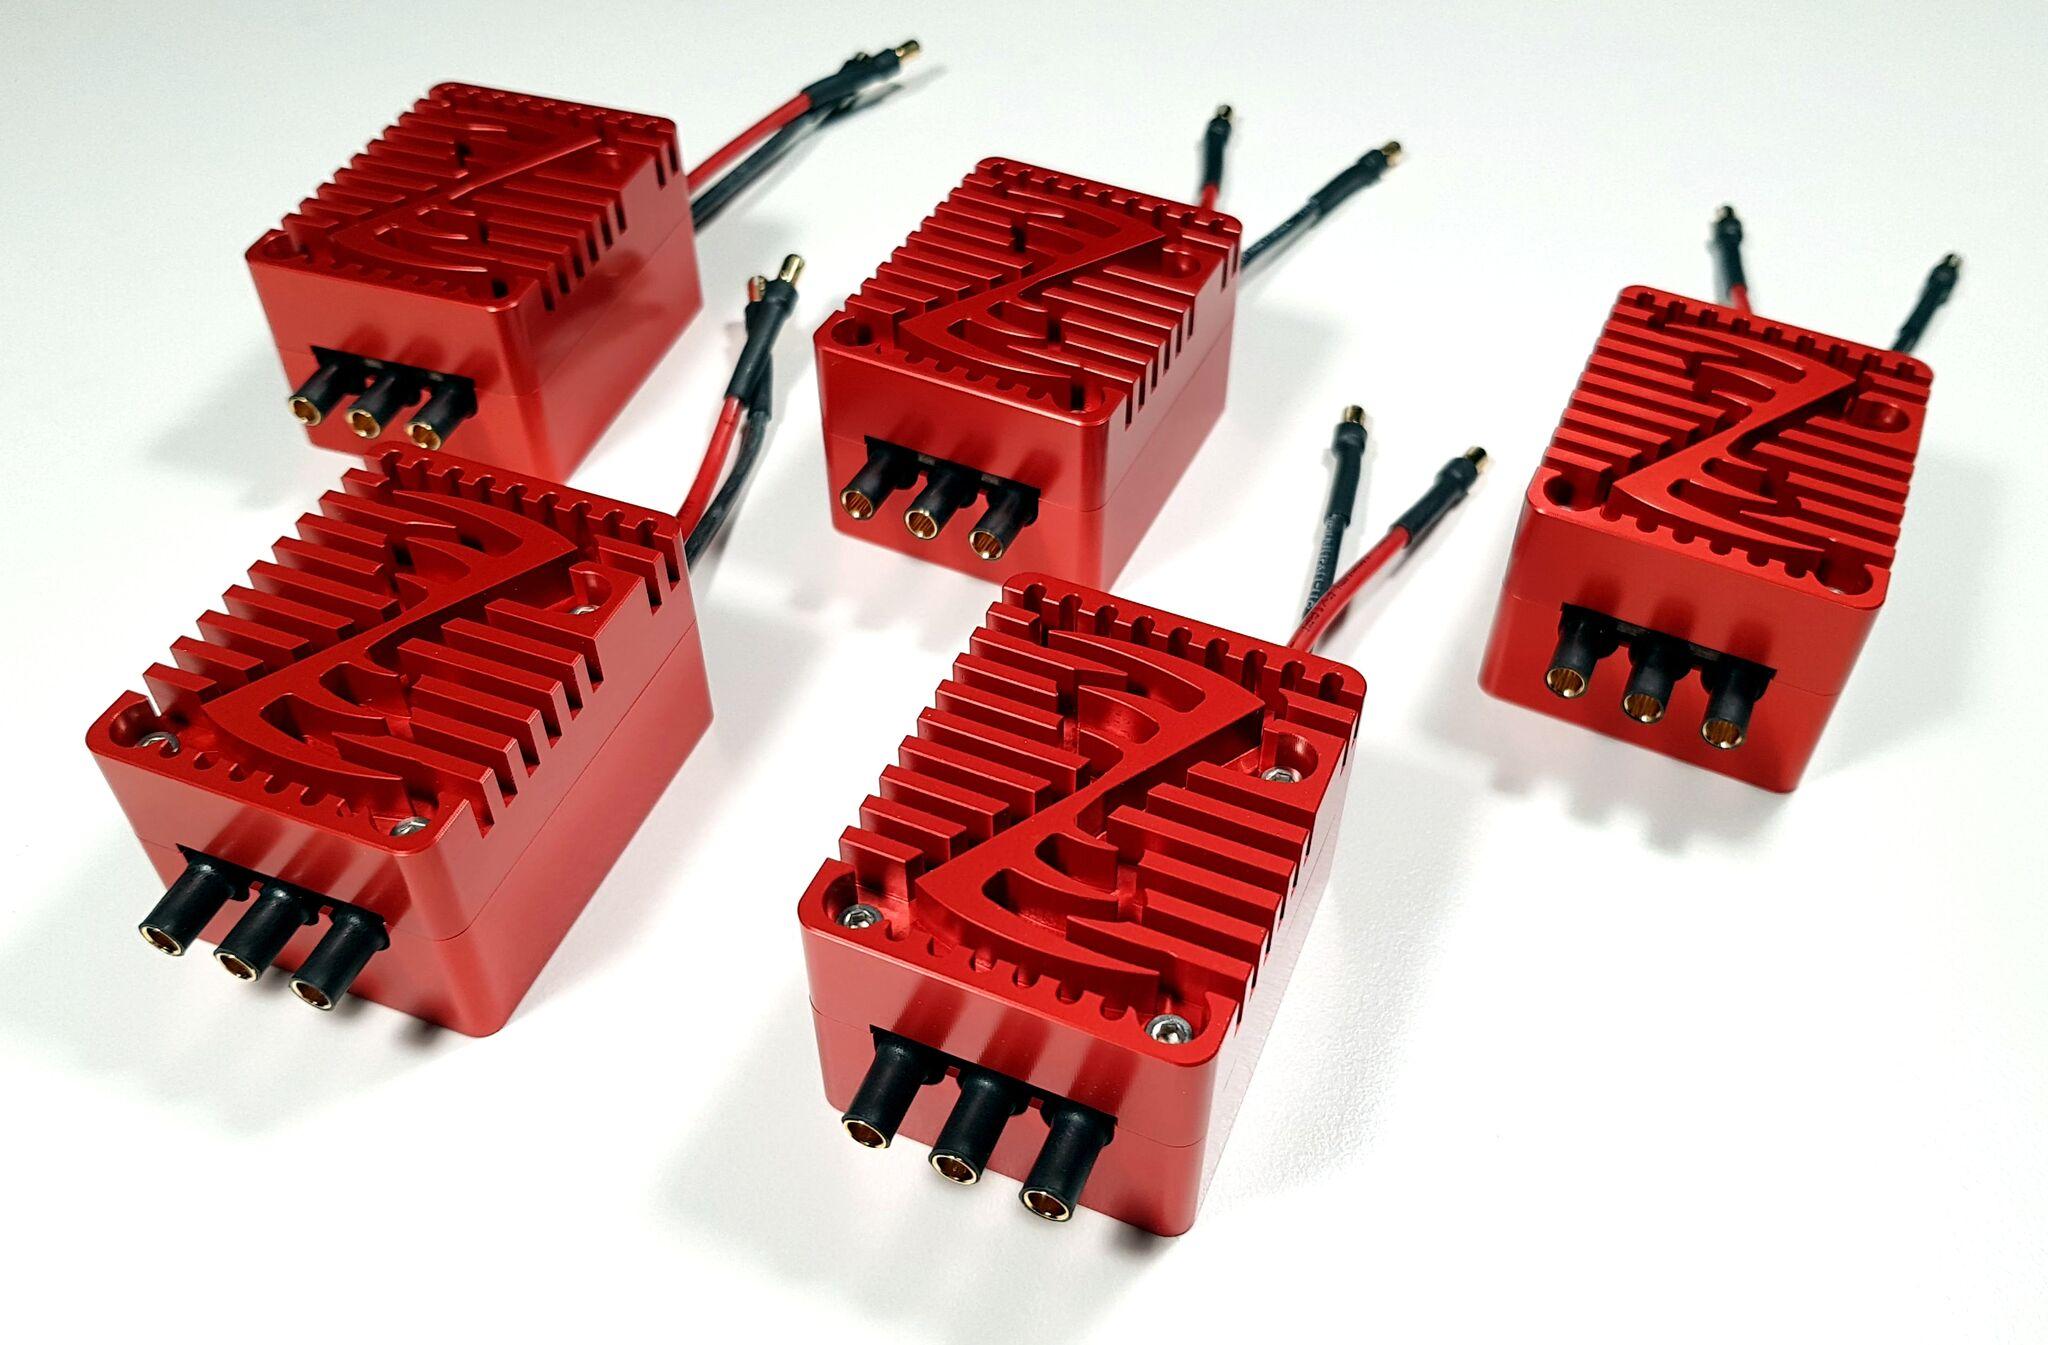 Eesti taas parim Euroopa suurimal rohetehnoloogia konkursil, Zubax Robotics palju õnne!